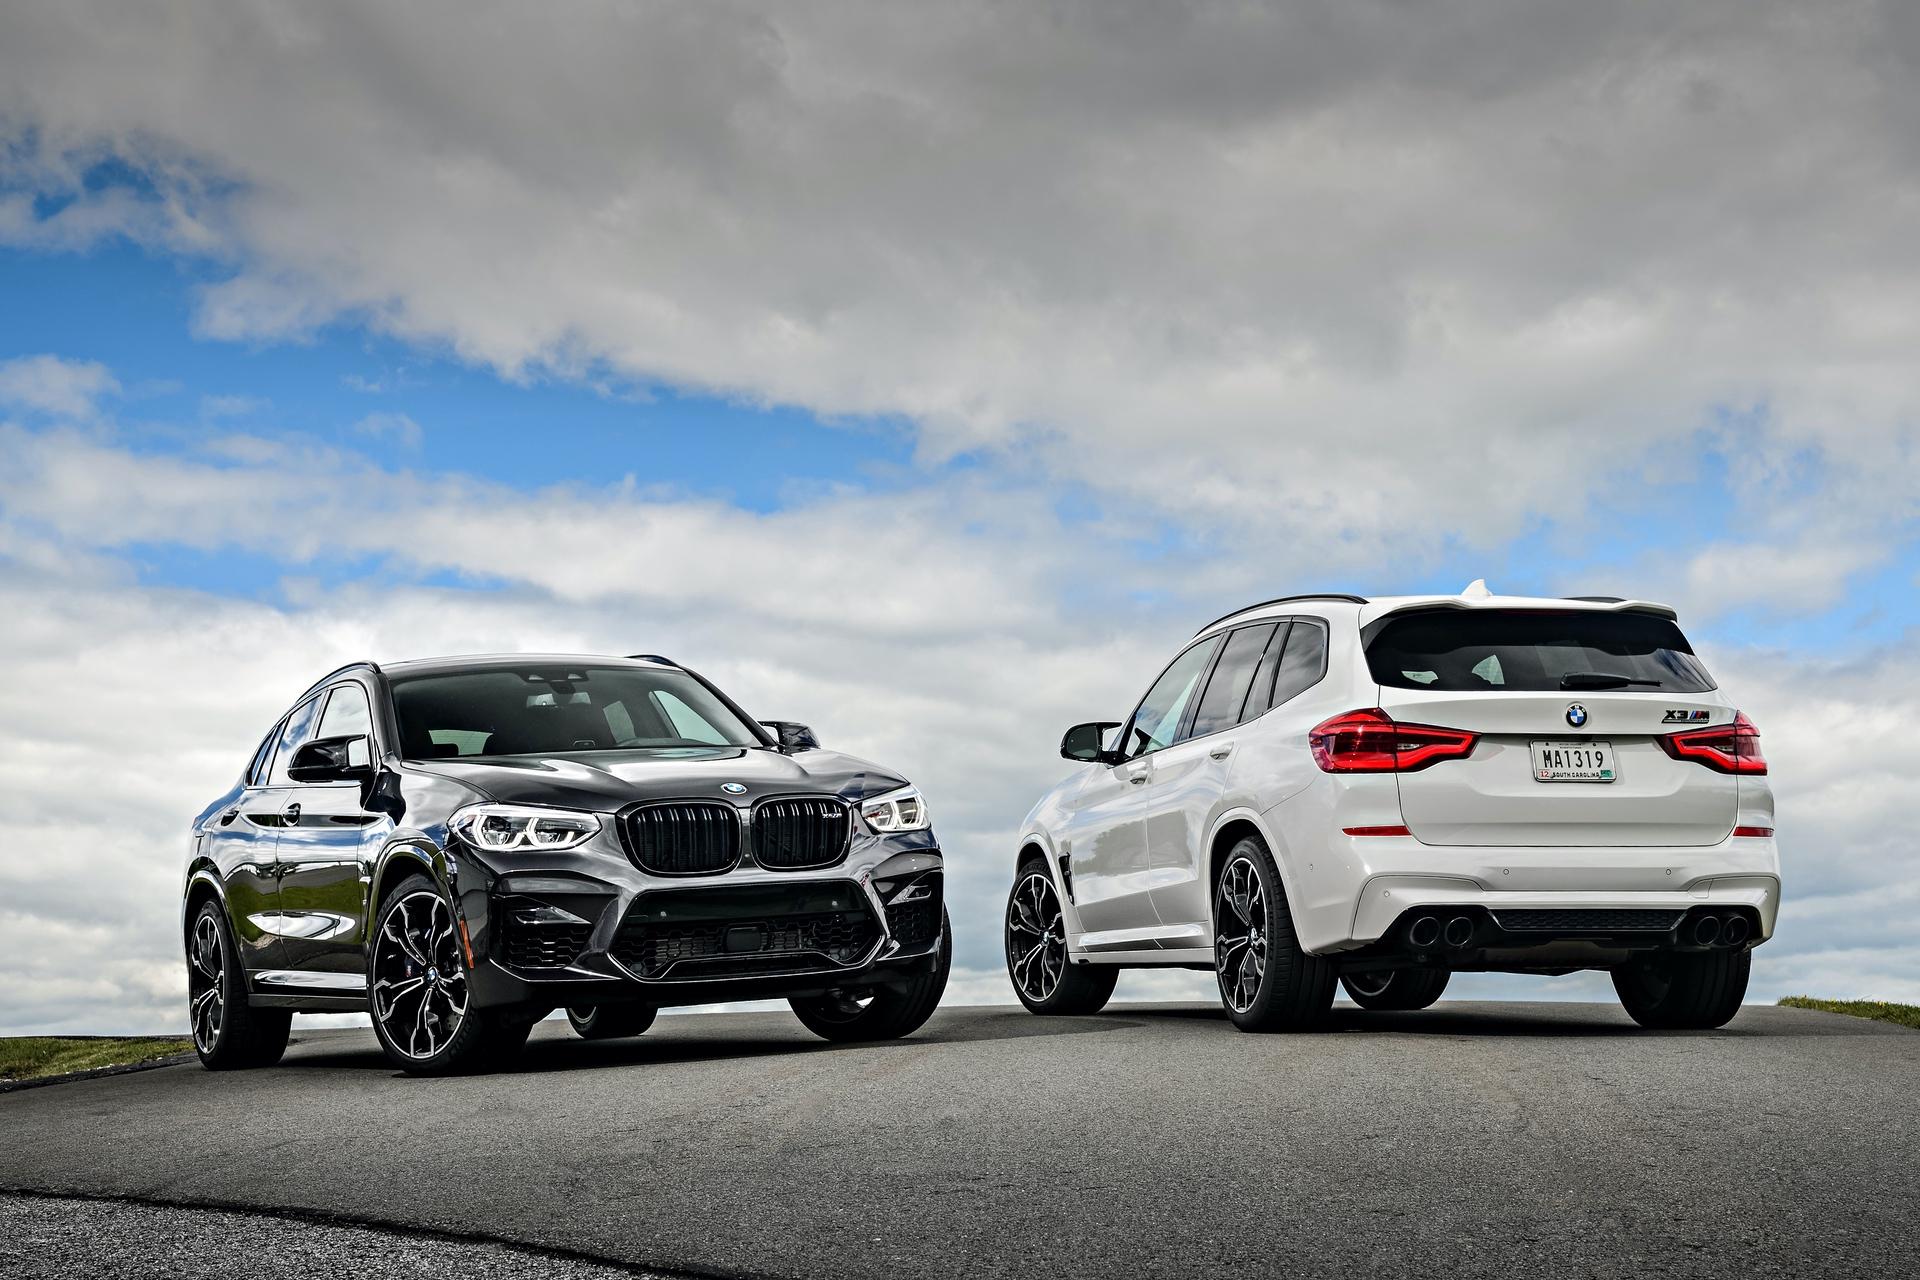 2020 BMW X4 M X3 M photos 01